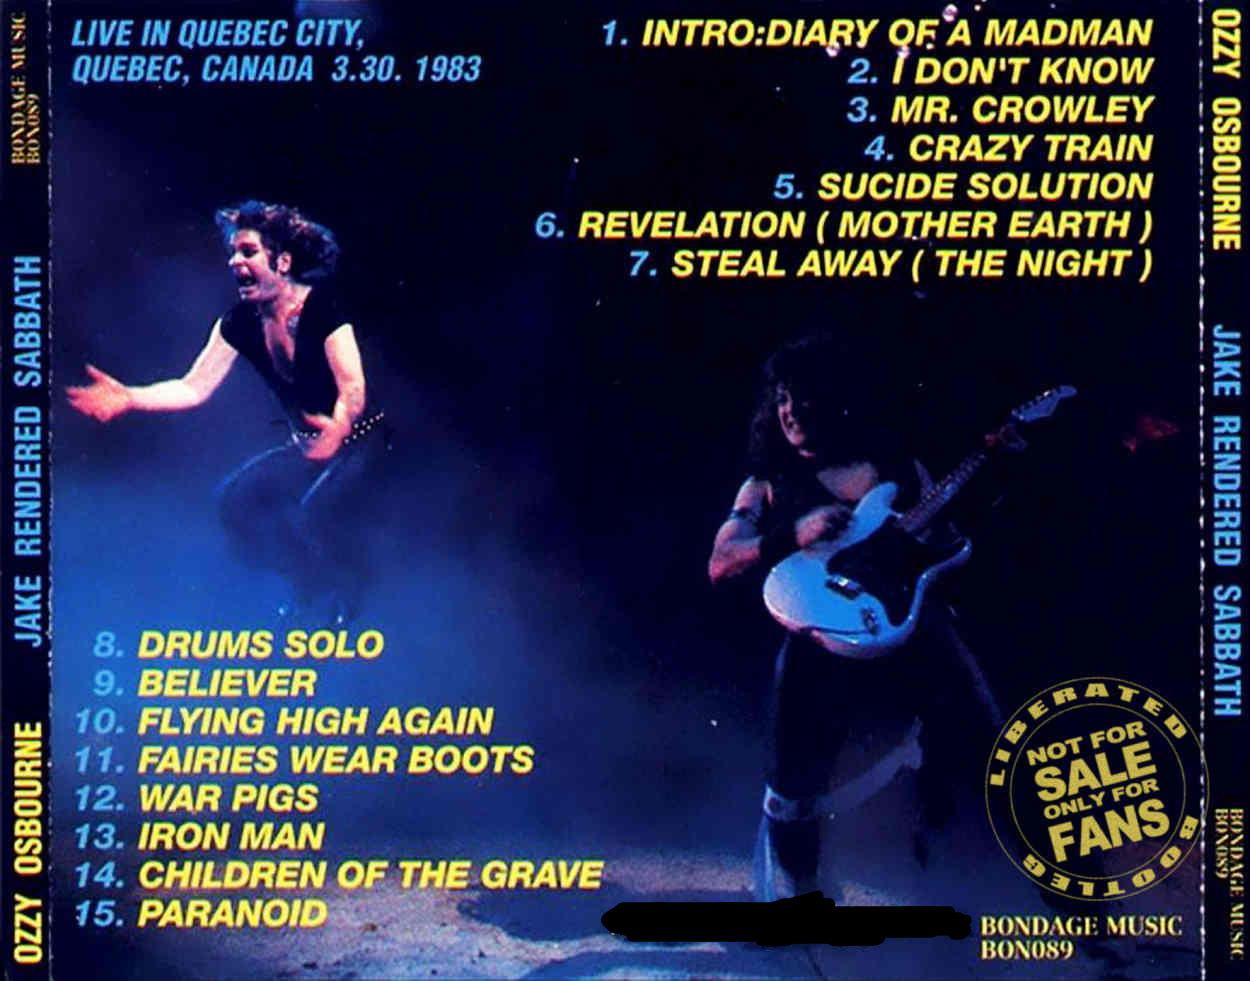 ozzy osbourne 1983 03 30 le colisee quebec canada jake rendered sabbath bootleg rock. Black Bedroom Furniture Sets. Home Design Ideas